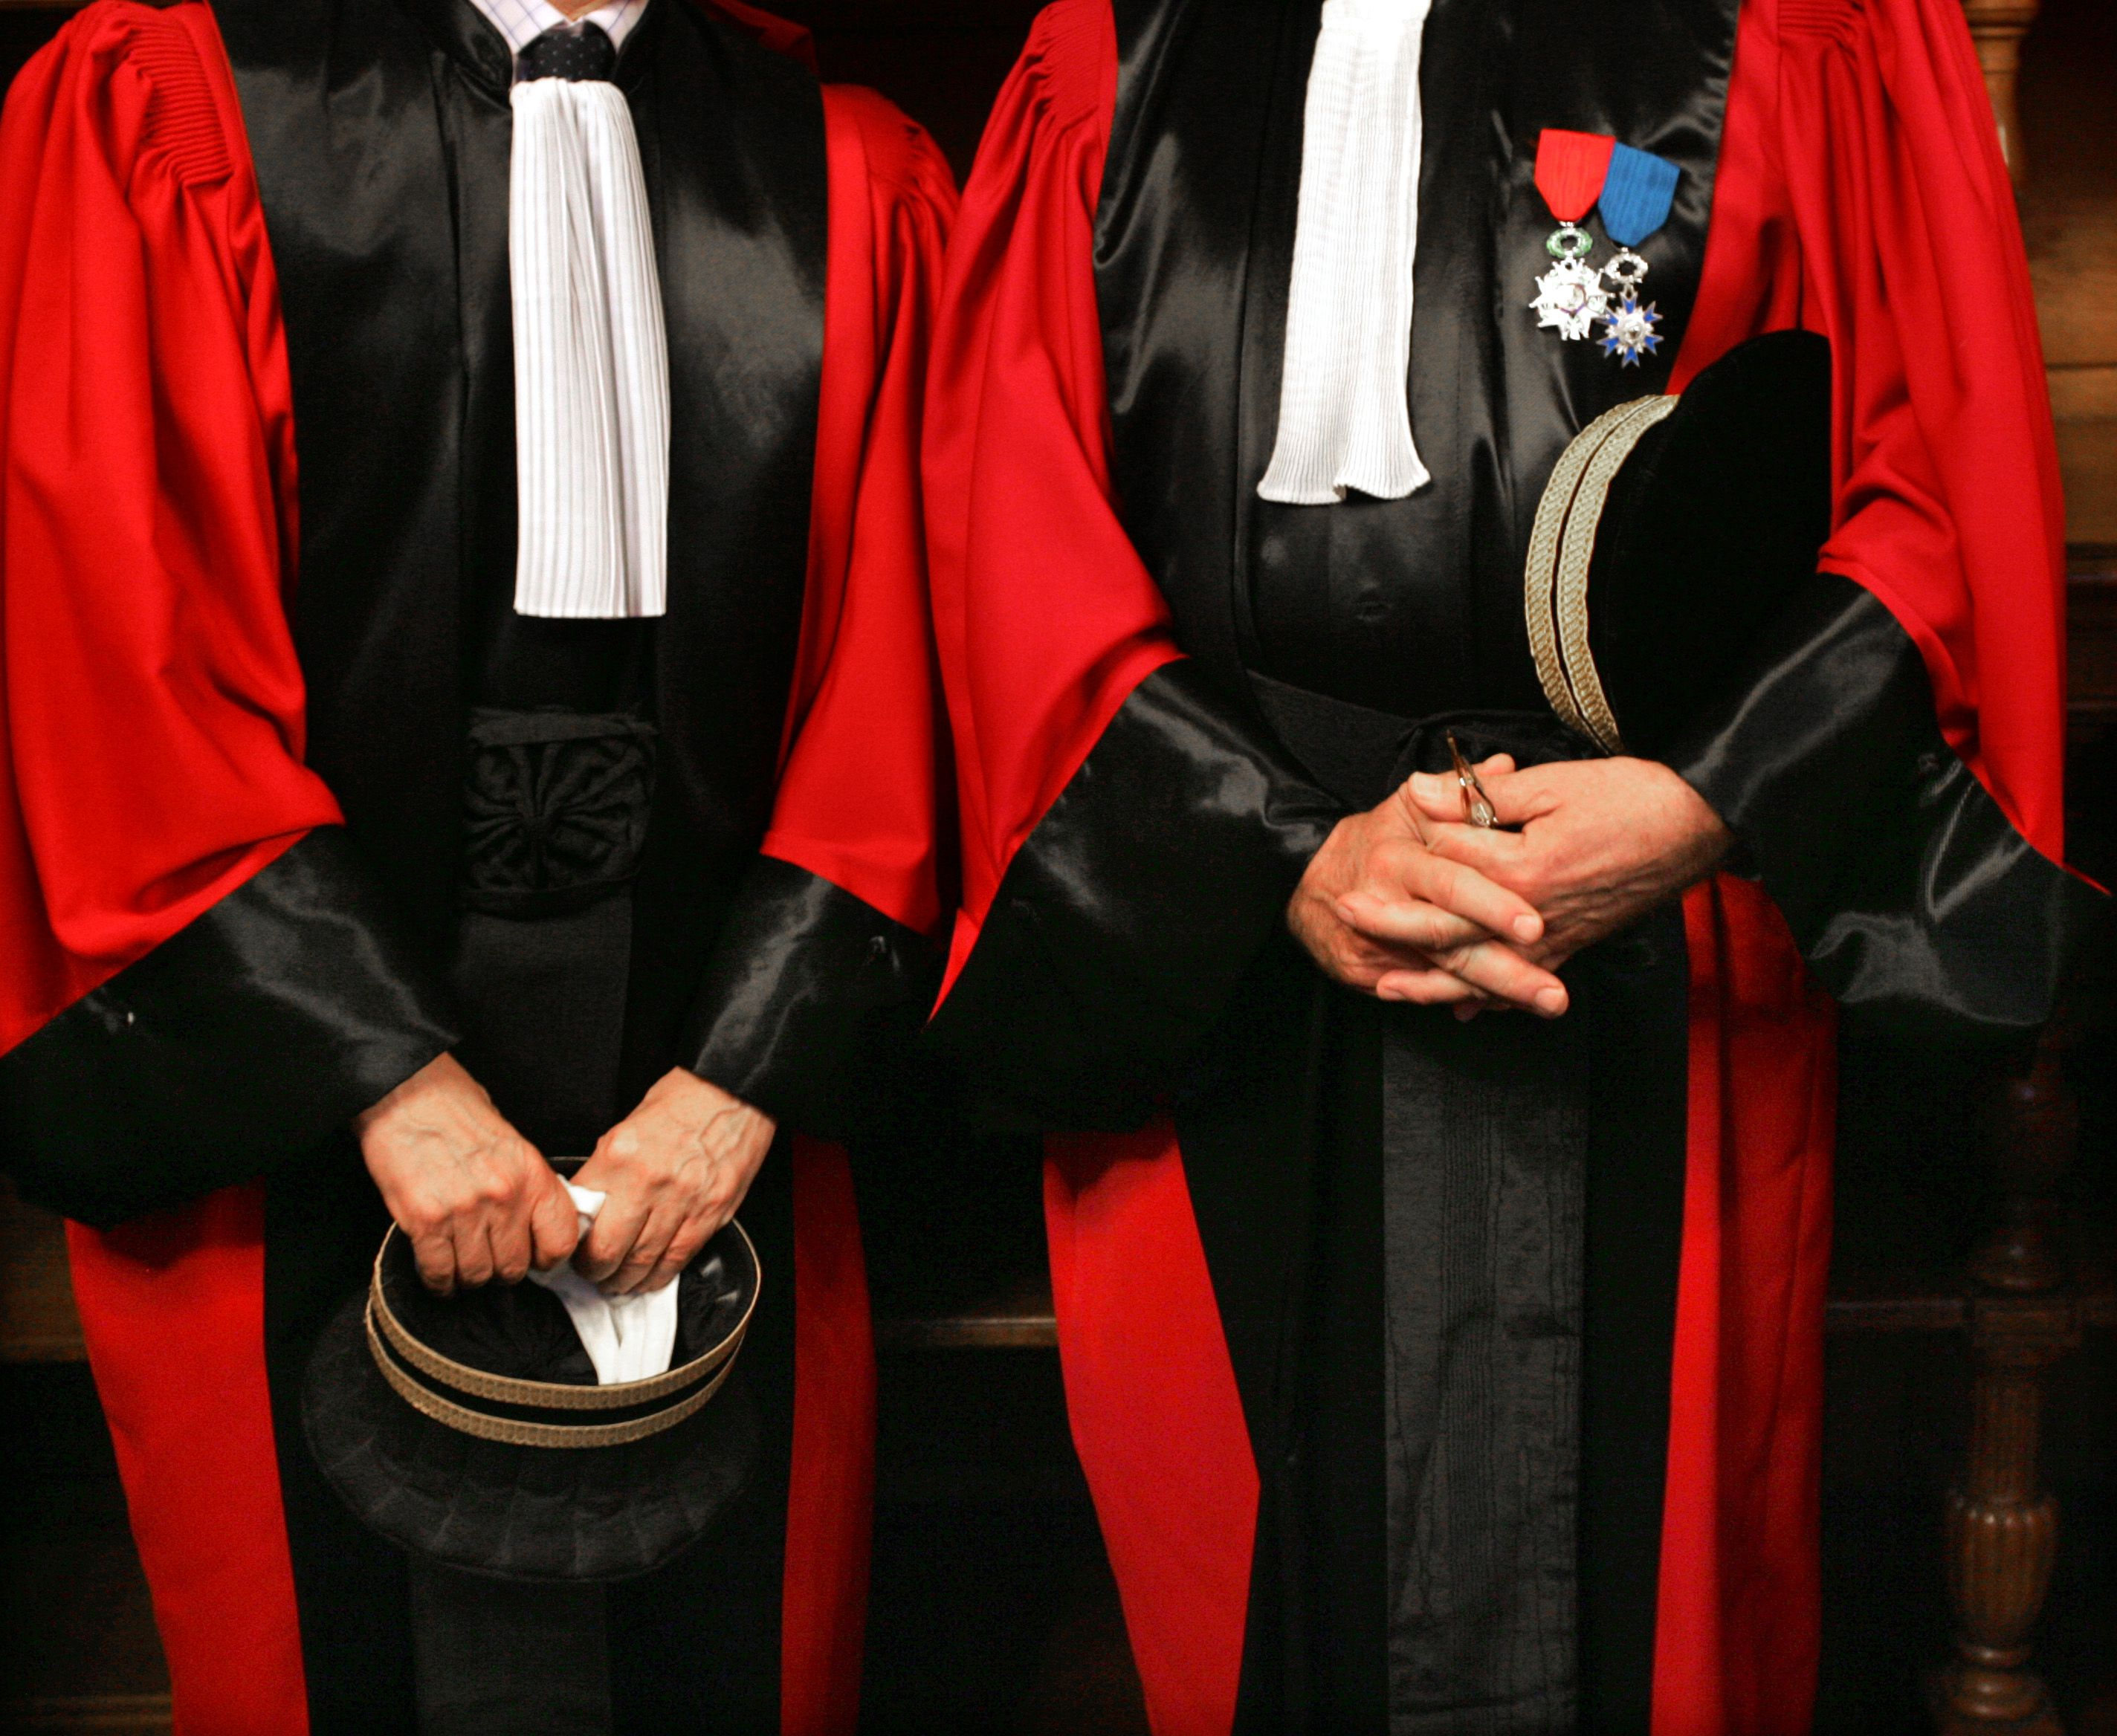 L'inconscience de certains juges face au terrorisme